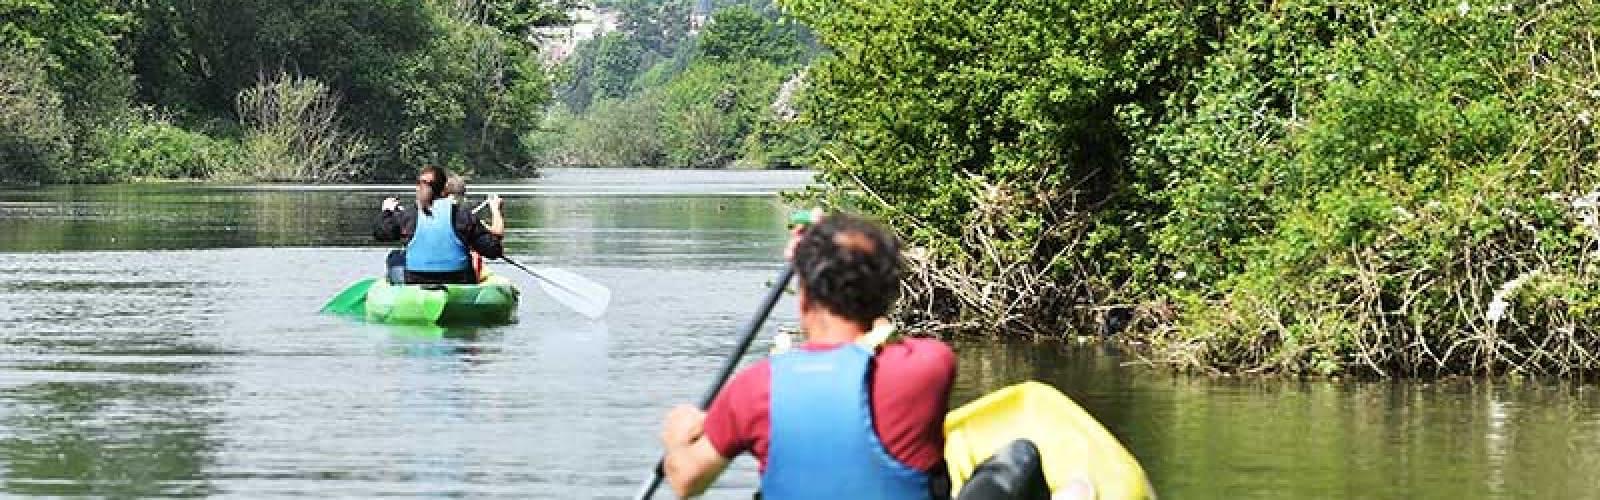 Rando canoë-kayak